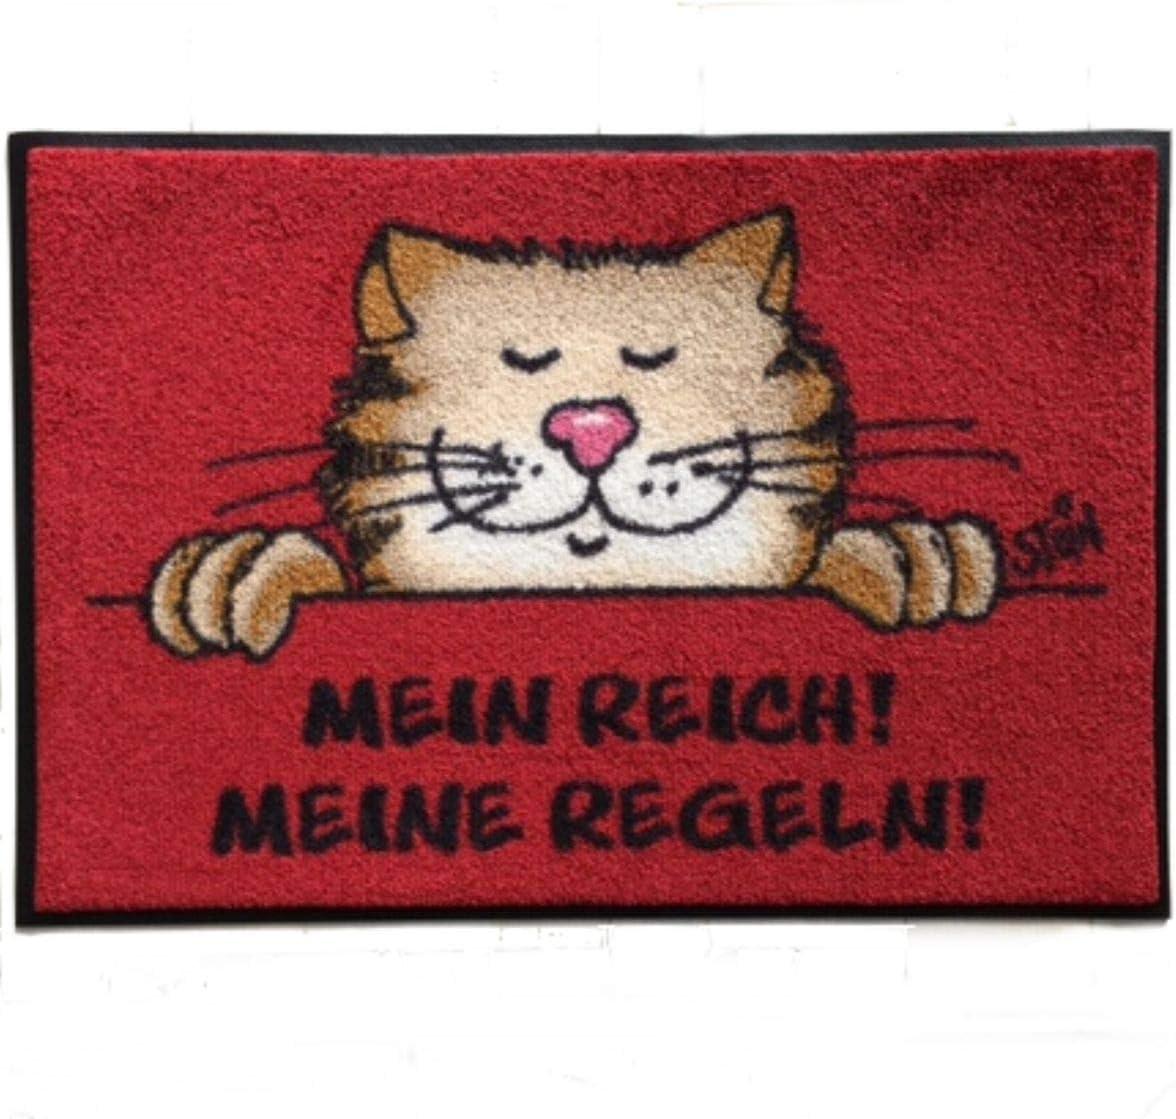 AS4HOME Felpudo Lavable© Uli Stein Gato – Mein Reich. Mis Reglas. 40 x 60 cm Wash + Dry: Amazon.es: Juguetes y juegos